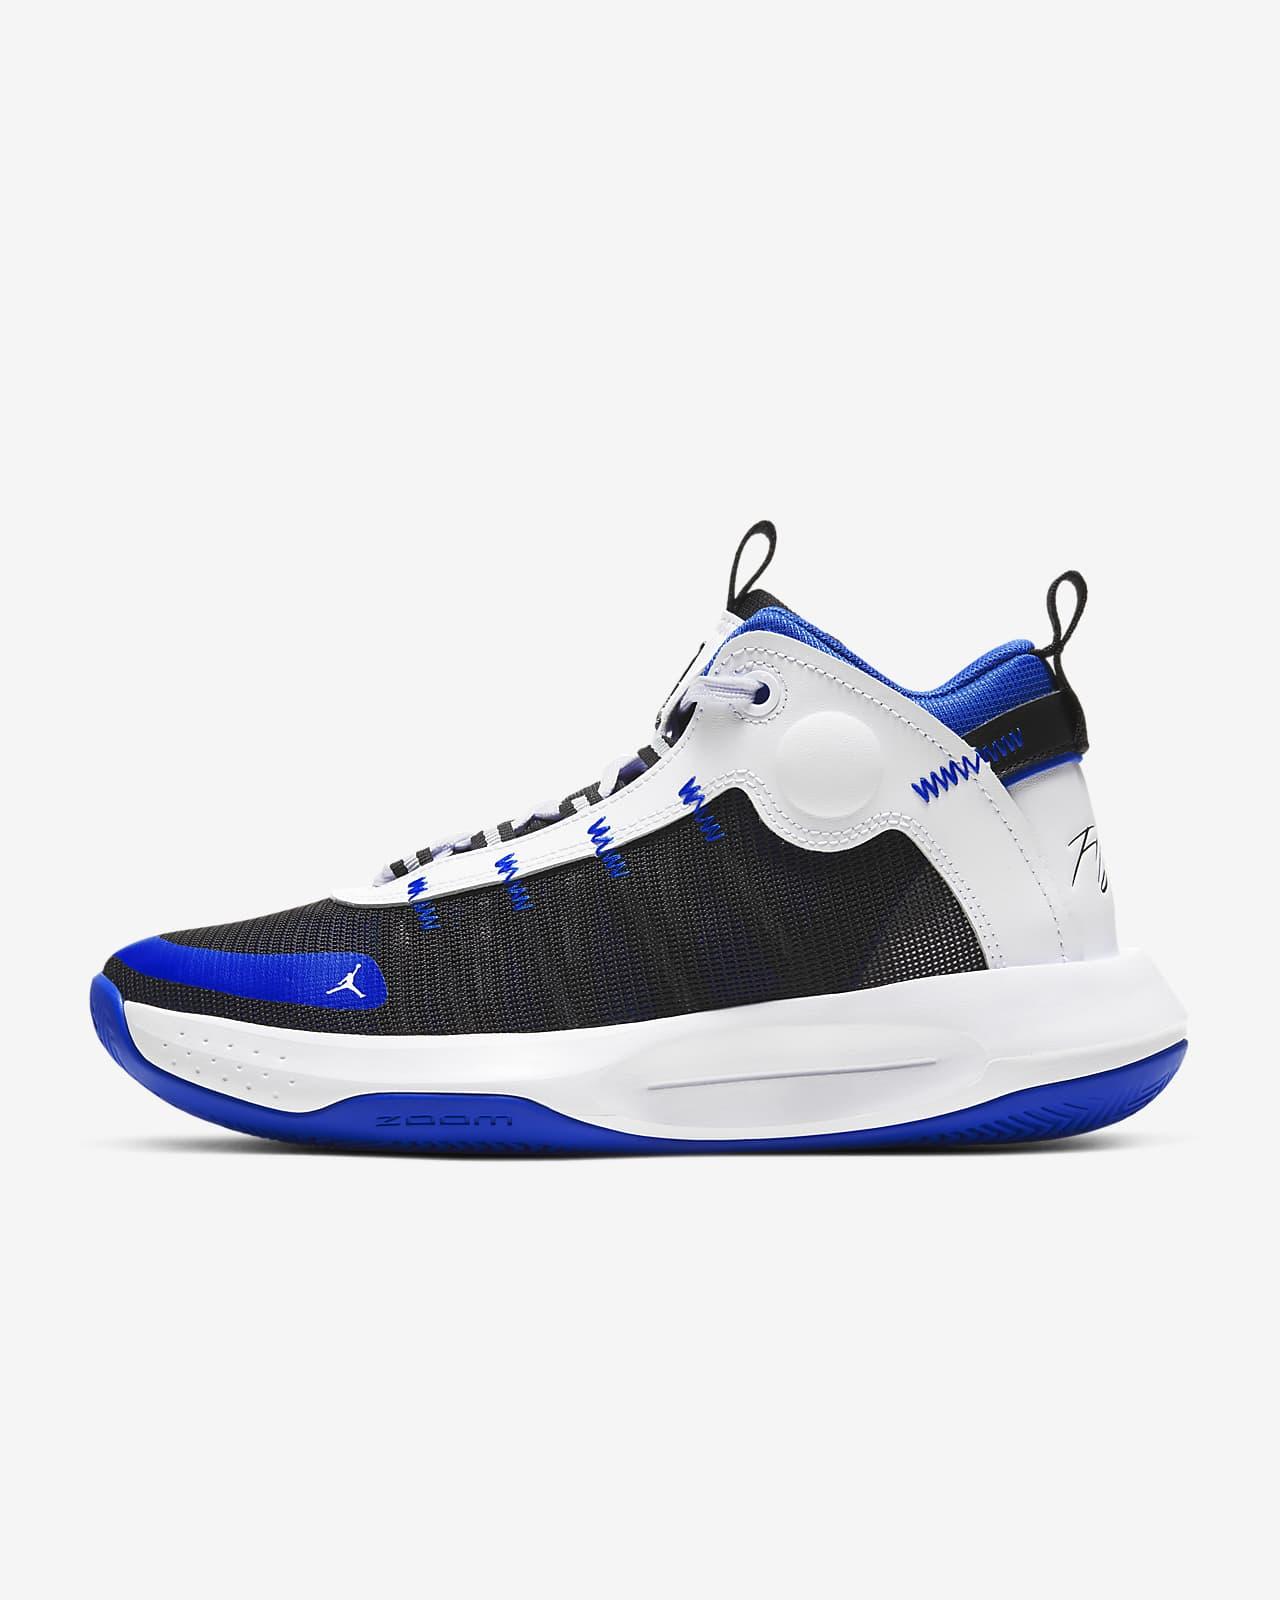 รองเท้าบาสเก็ตบอลผู้ชาย Jordan Jumpman 2020 PF